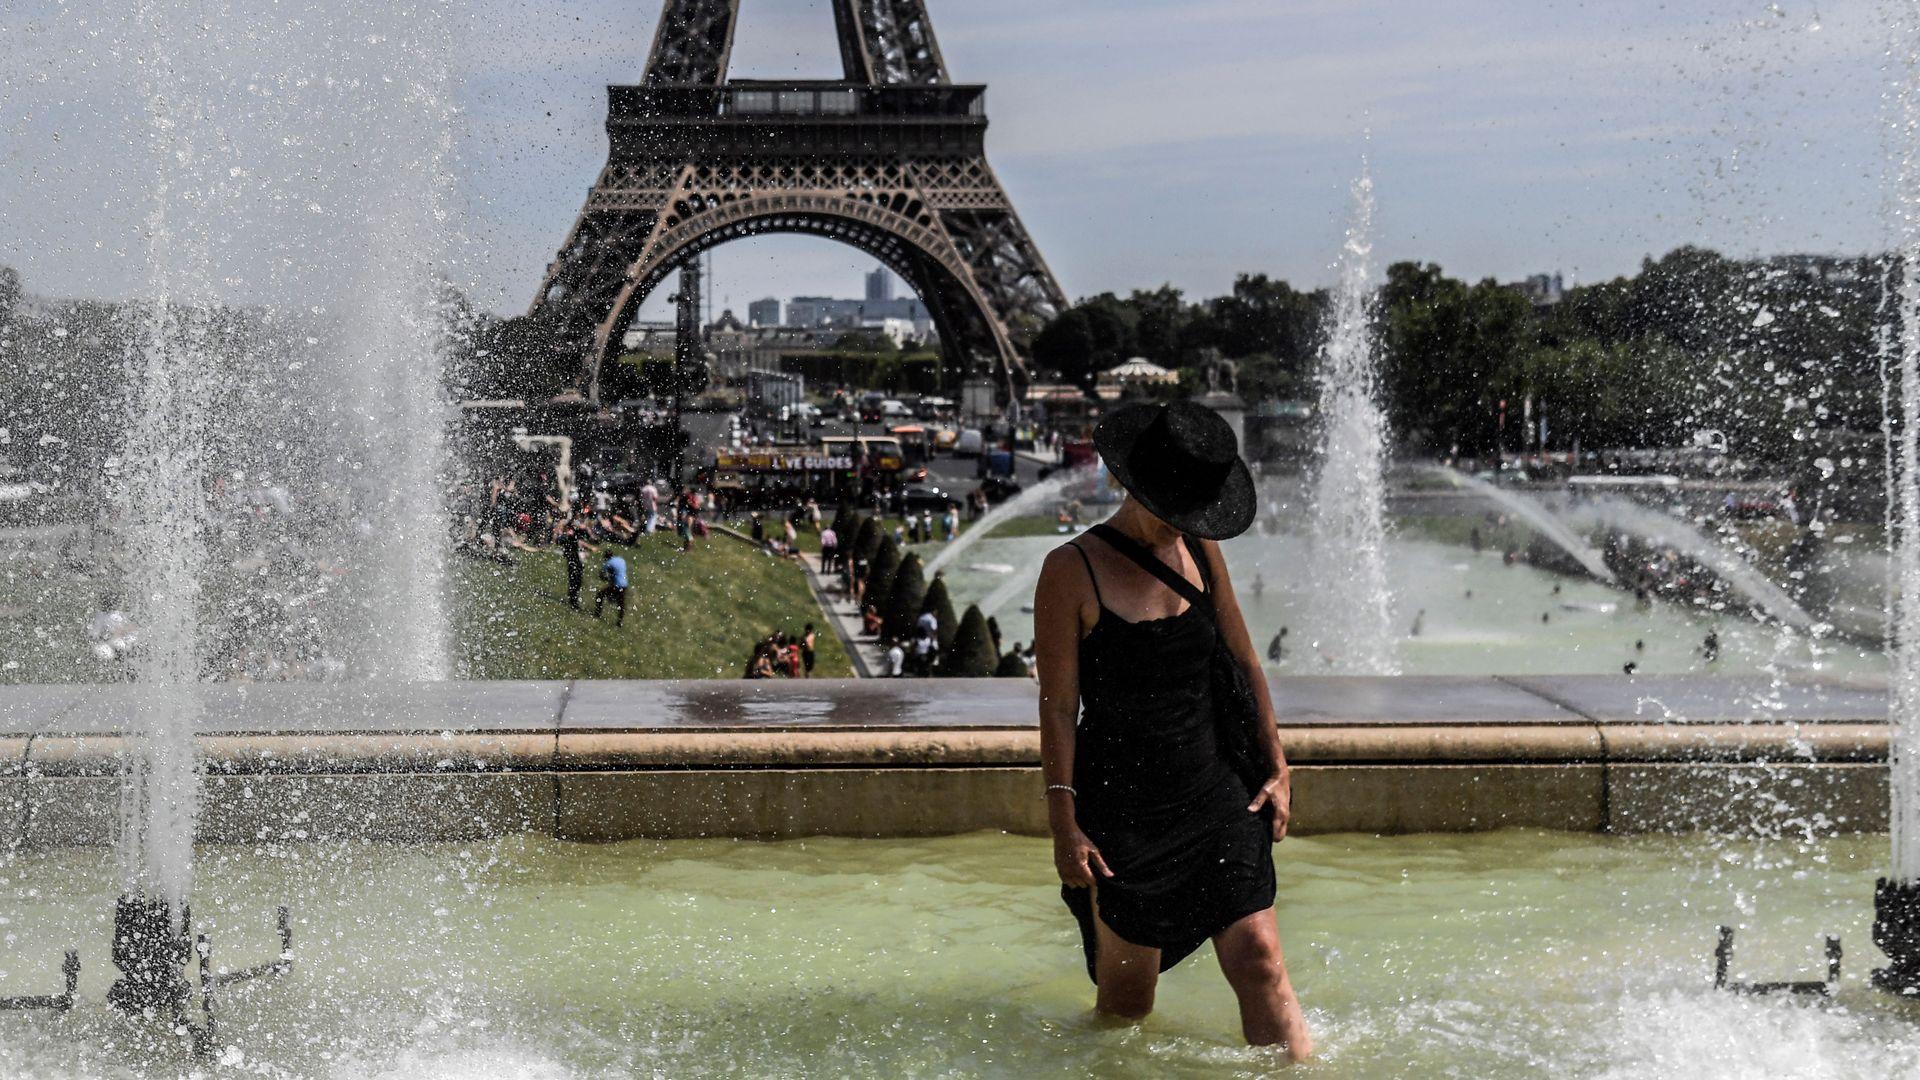 Europe heat wave: Belgium, Germany, Netherlands see records broken